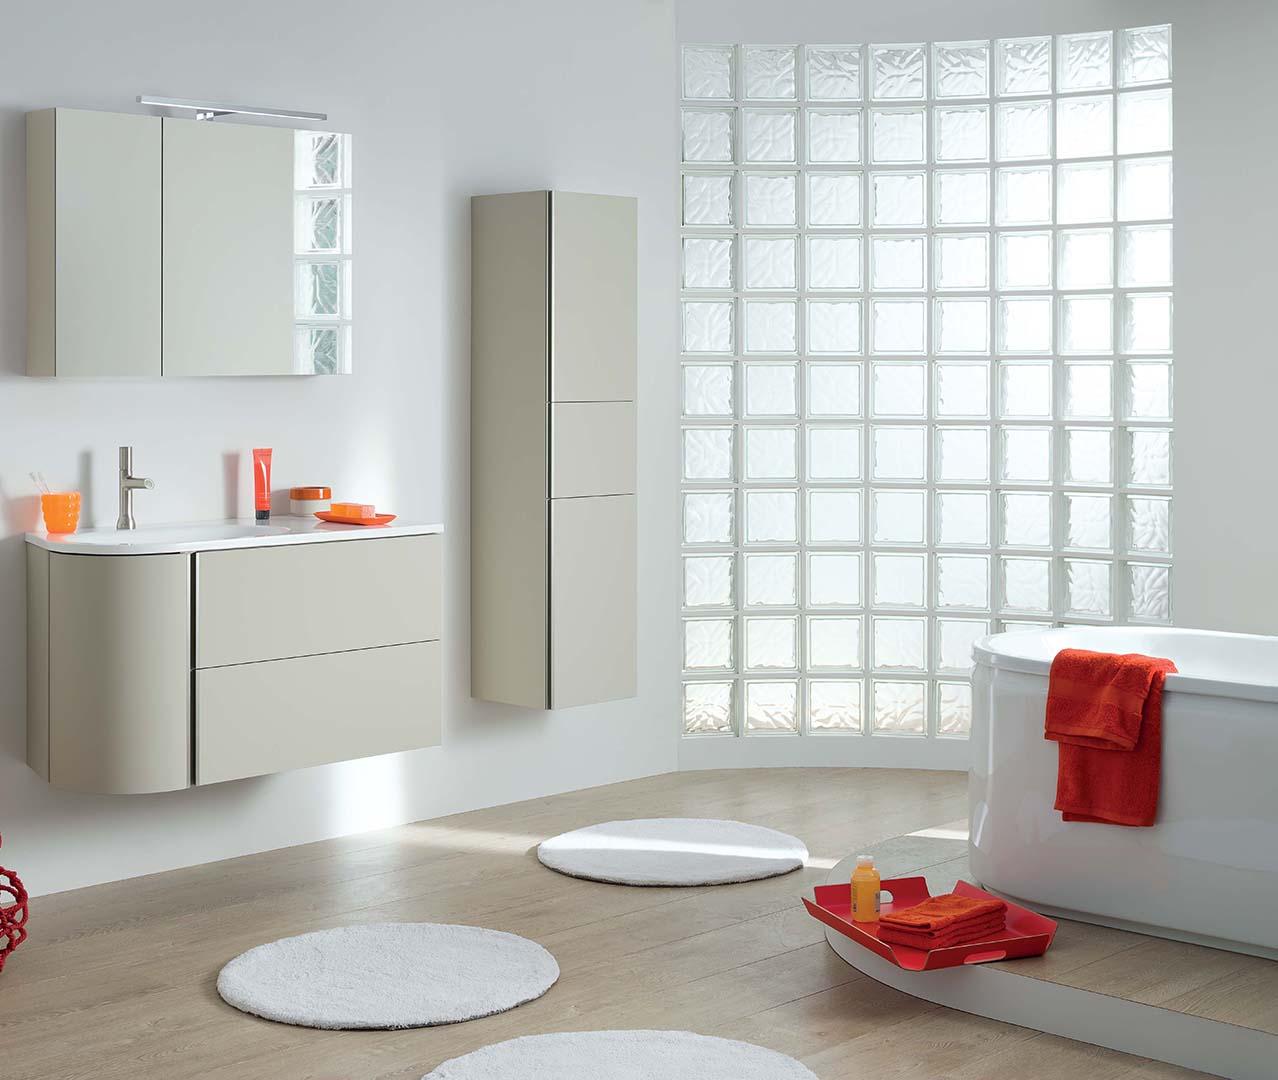 Gamme baila meuble salle de bain laque sanijura for Configurer une salle de bain